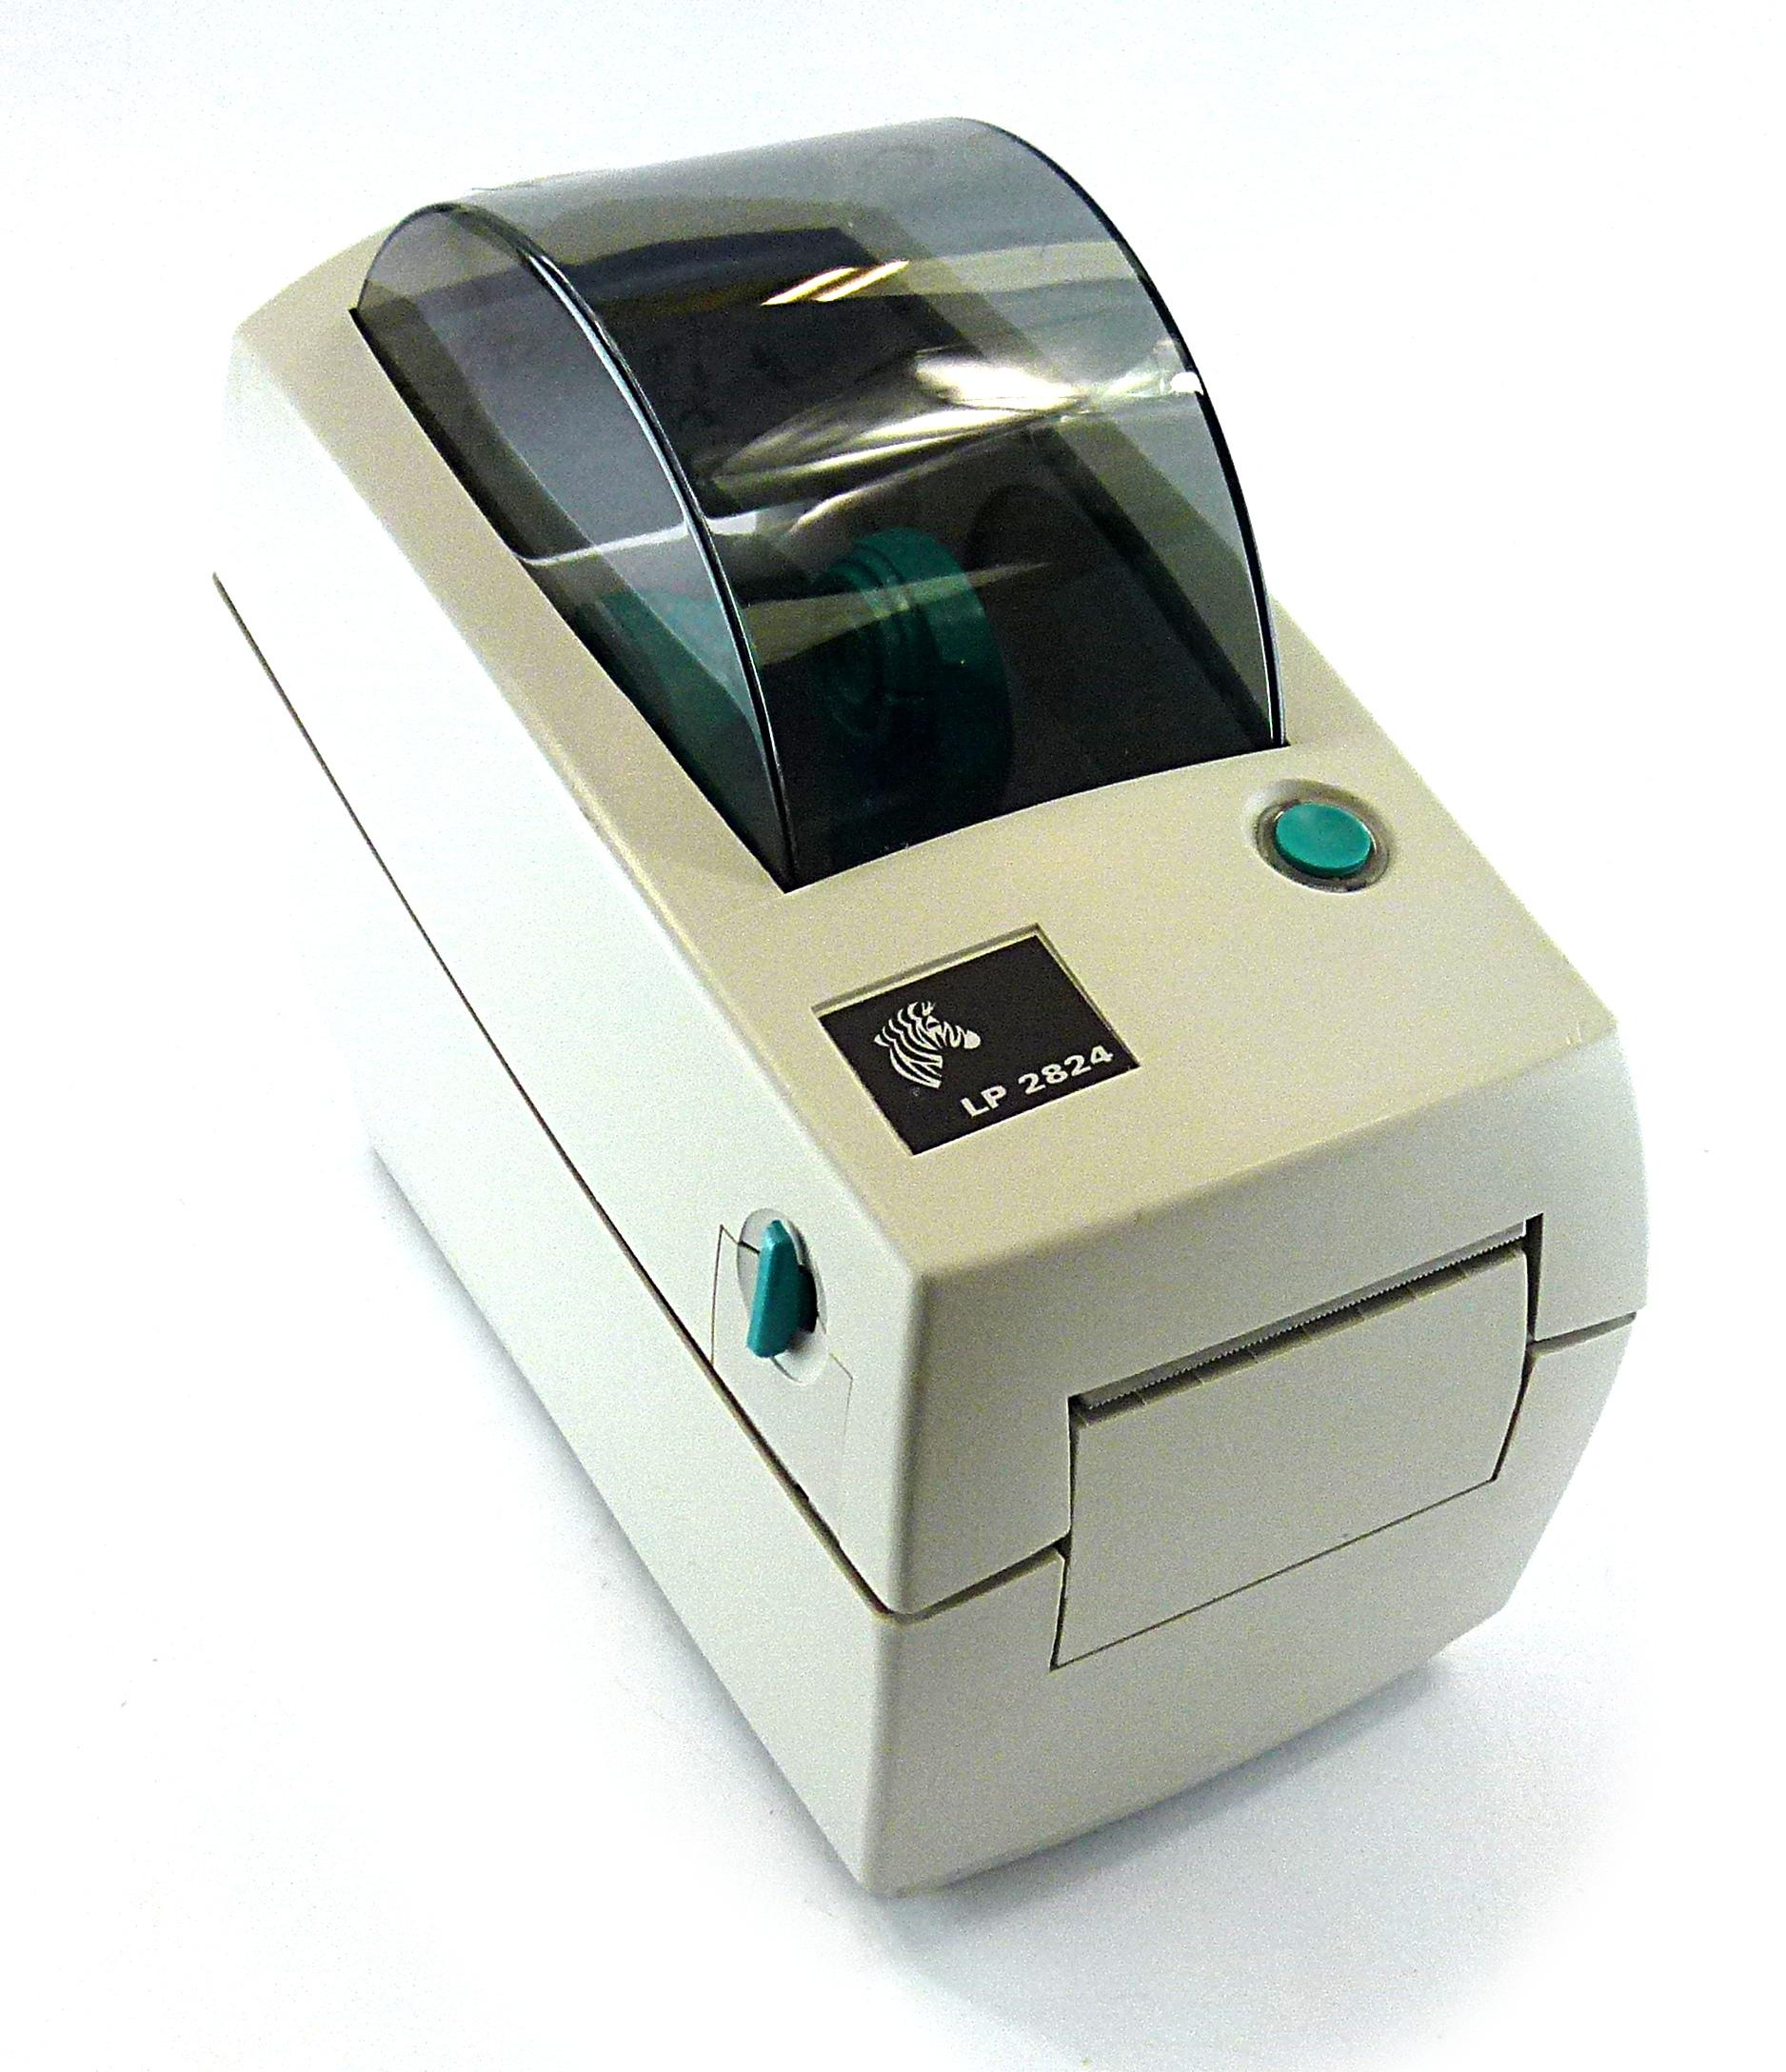 Zebra LP2824 Thermal Label USB Printer - 2824-21120-0001